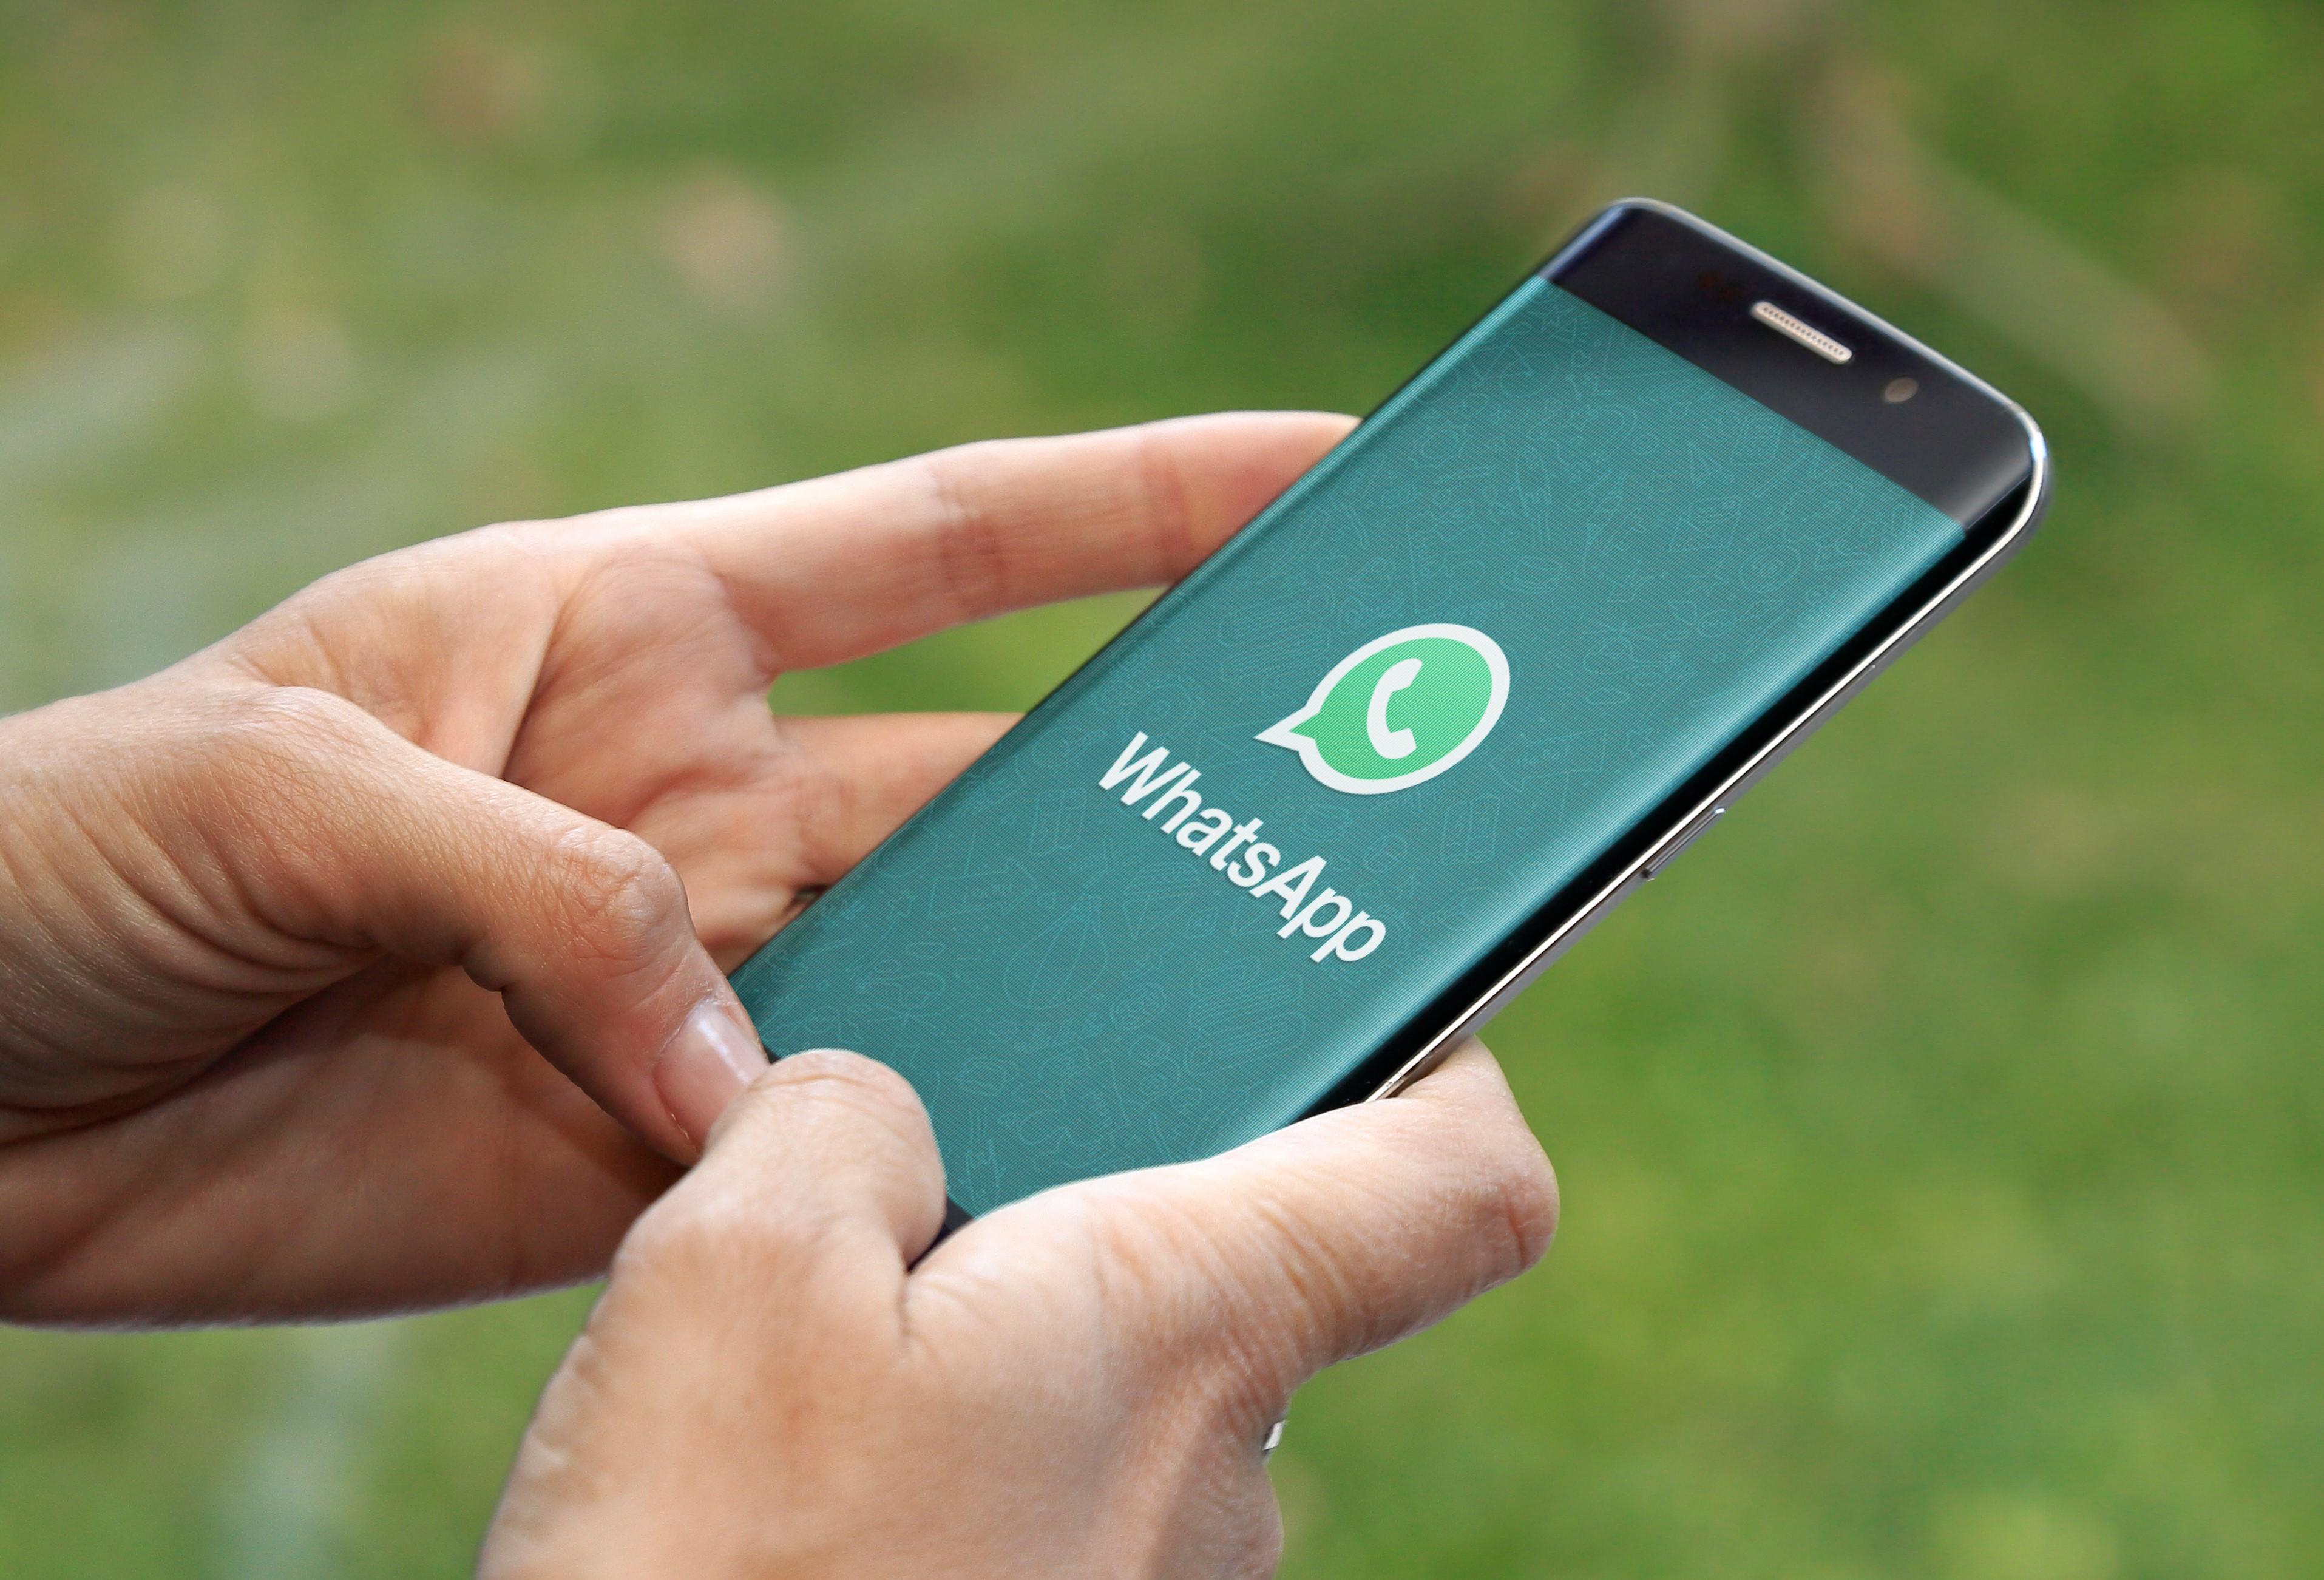 Ce aplicații de mesagerie poți folosi dacă nu mai vrei să păstrezi WhatsApp pe telefon